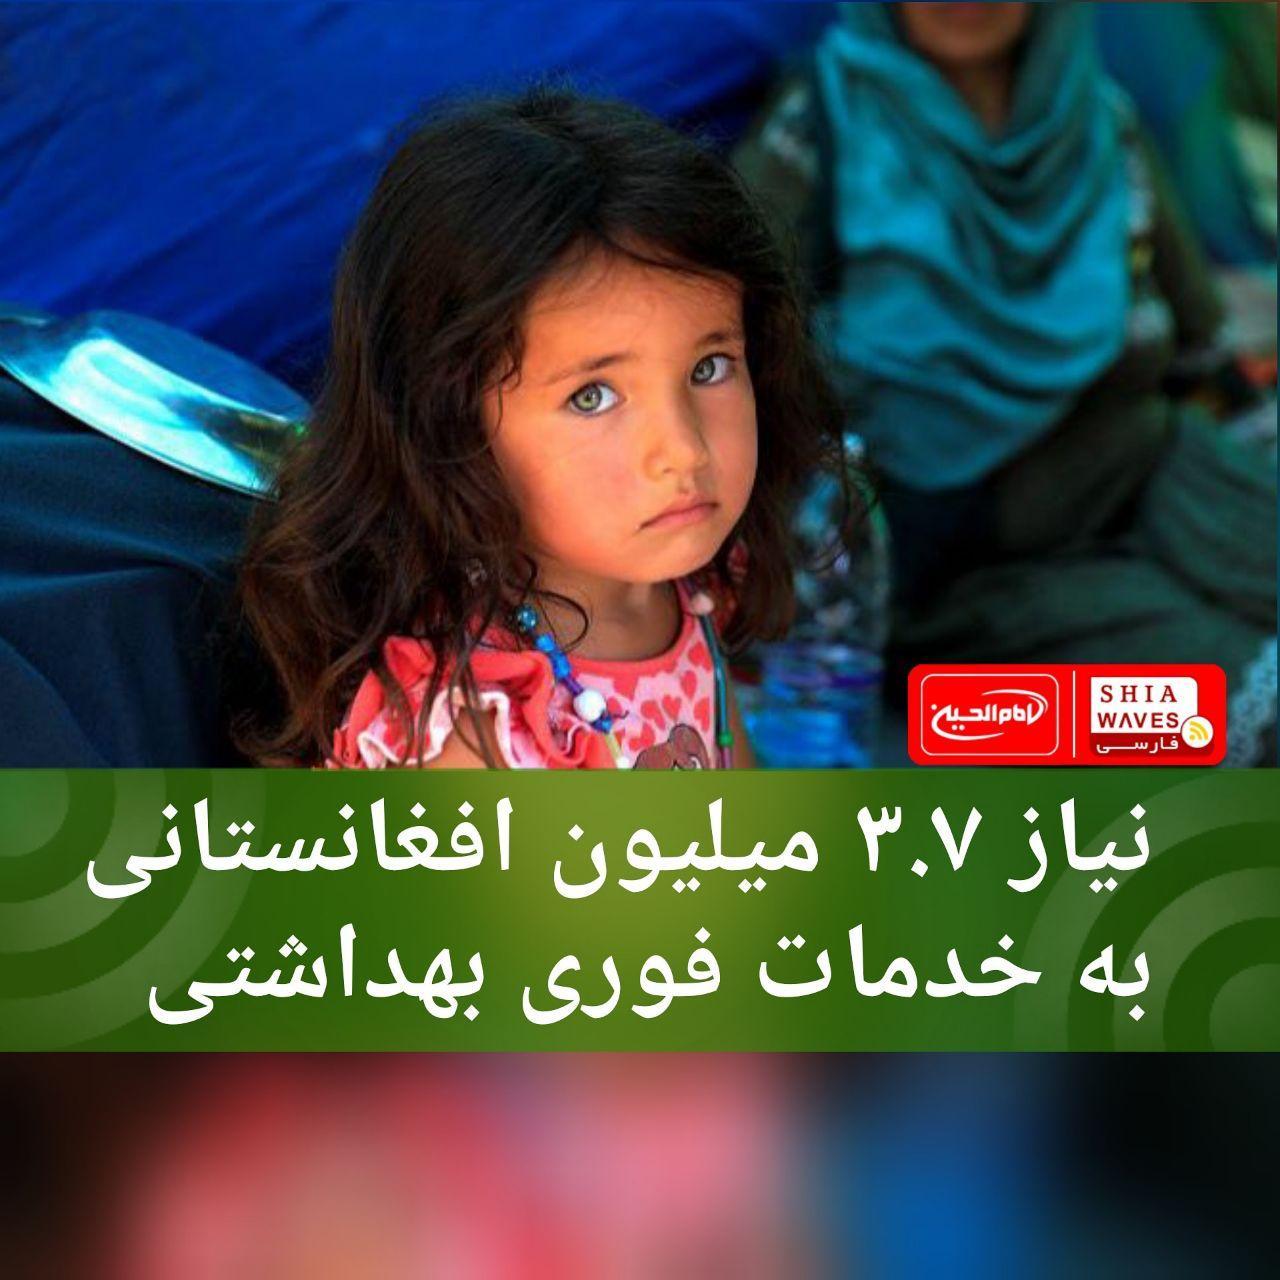 تصویر نیاز ۳.۷ میلیون افغانستانی به خدمات فوری بهداشتی